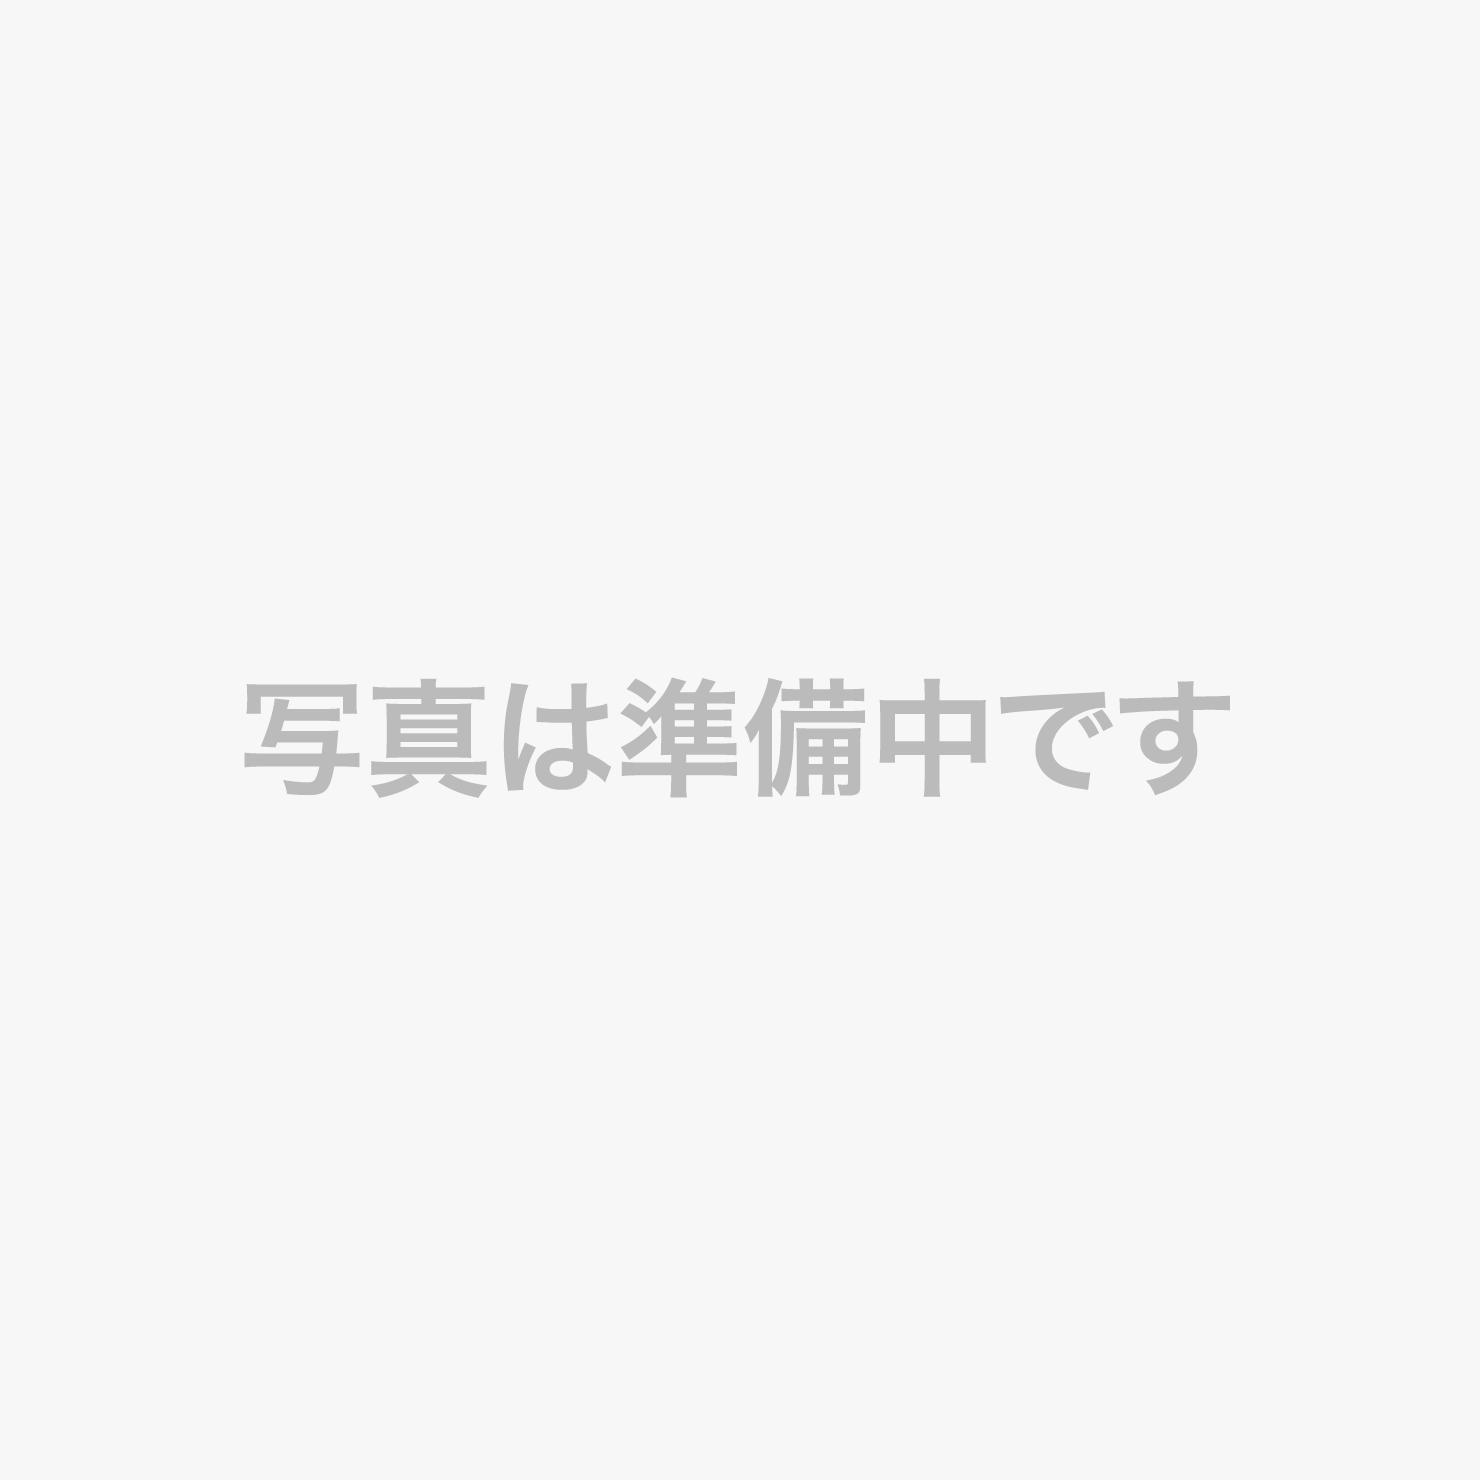 東横INN大阪阪急十三駅西口1